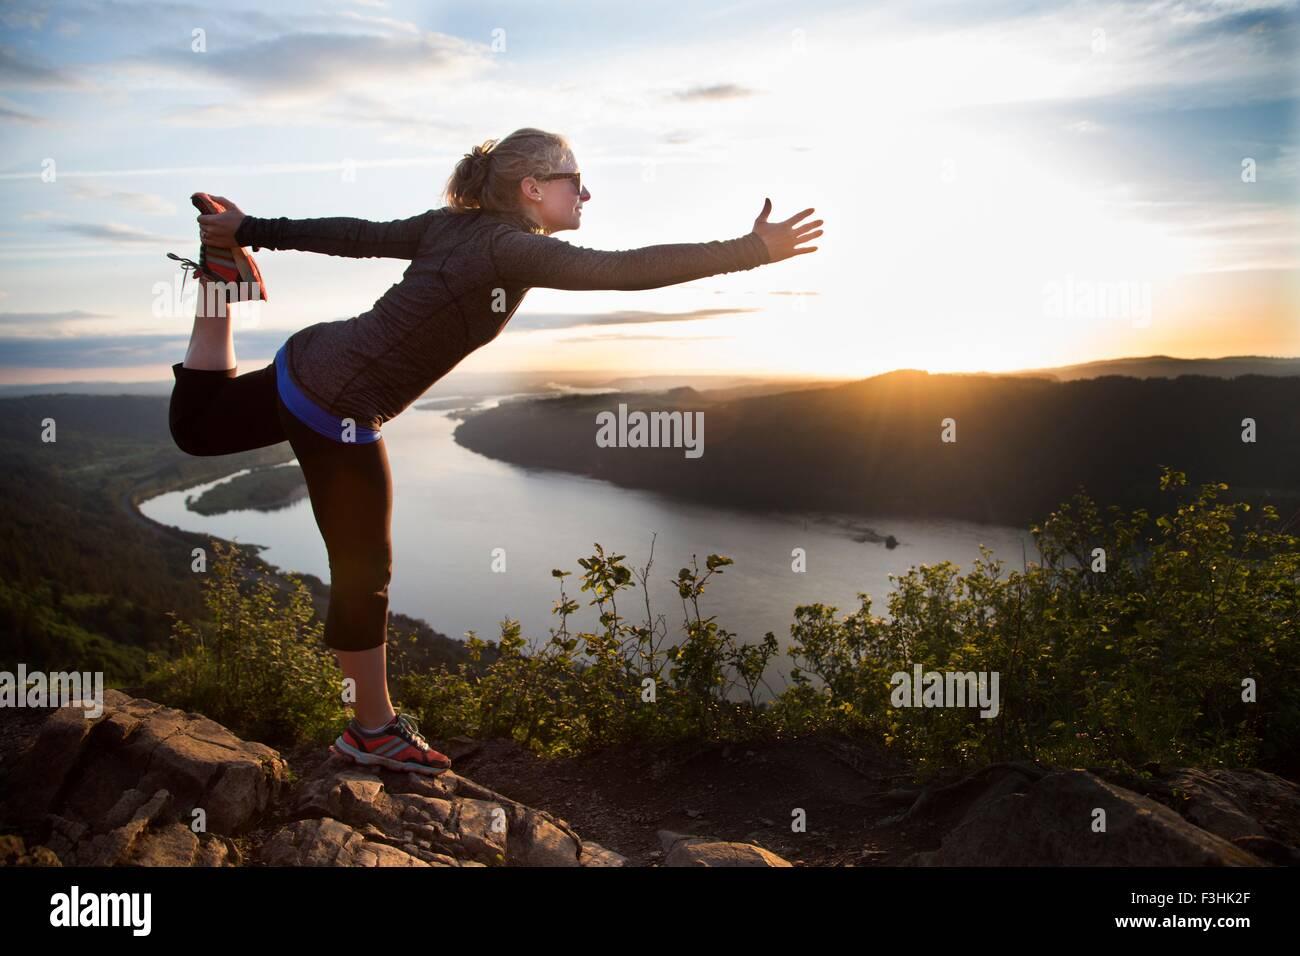 La donna a praticare yoga sulla collina, Angelo di riposo, Columbia River Gorge, Oregon, Stati Uniti d'America Immagini Stock